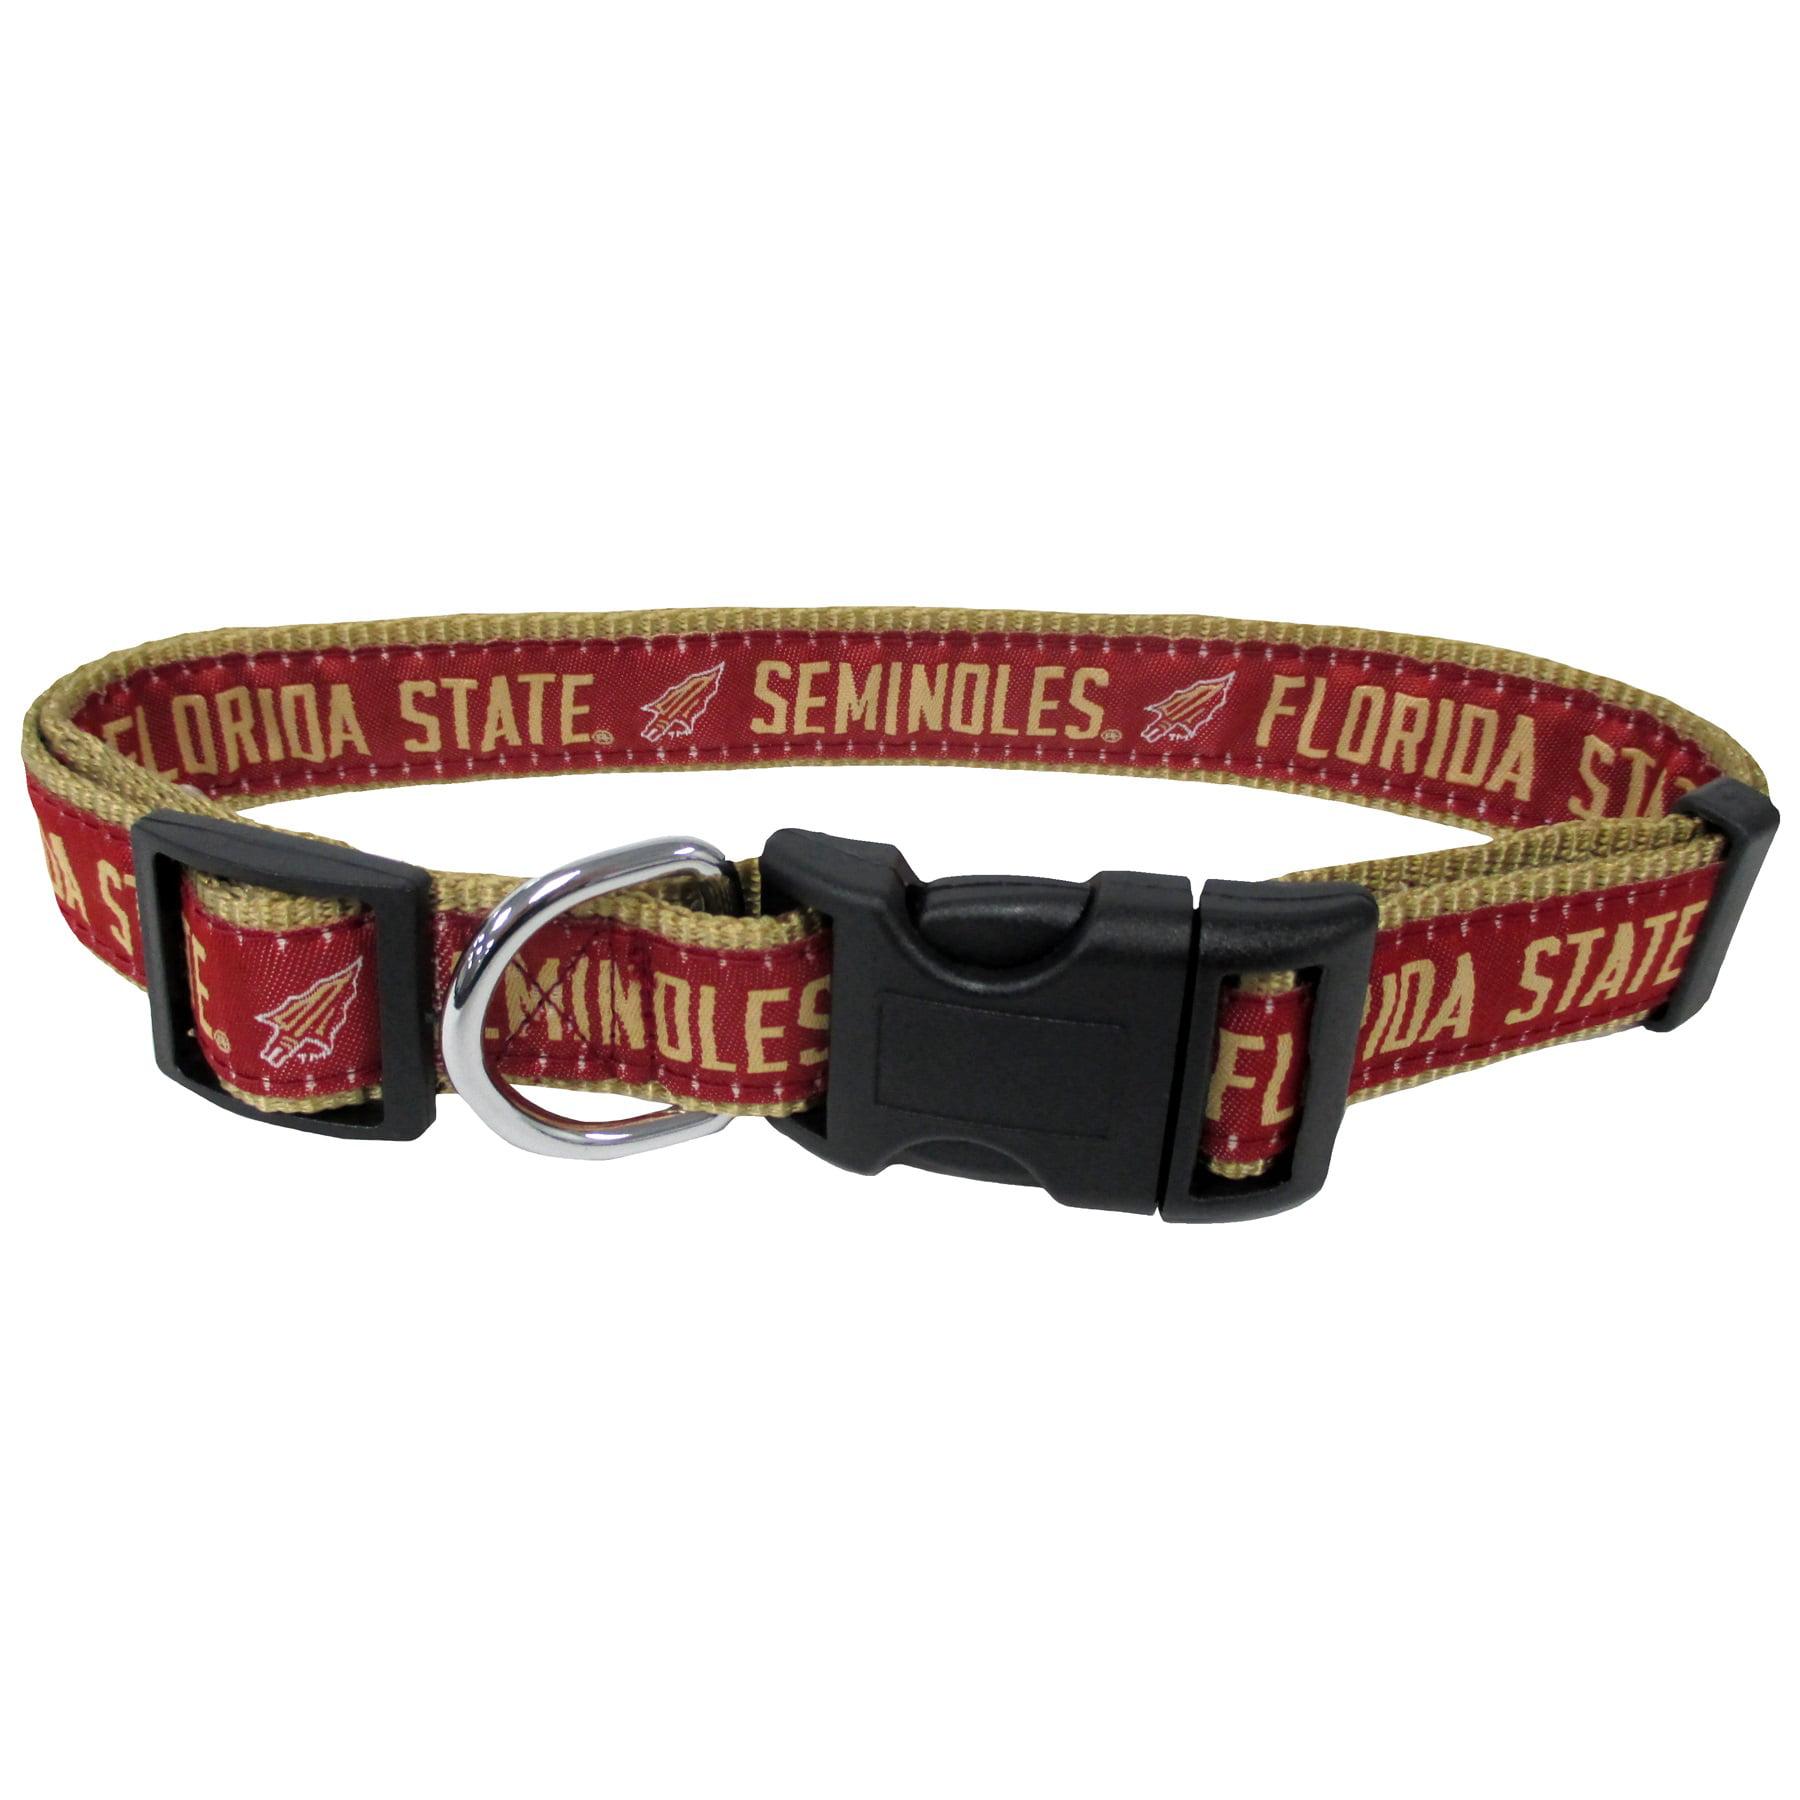 Florida State Seminoles Medium Dog Collar